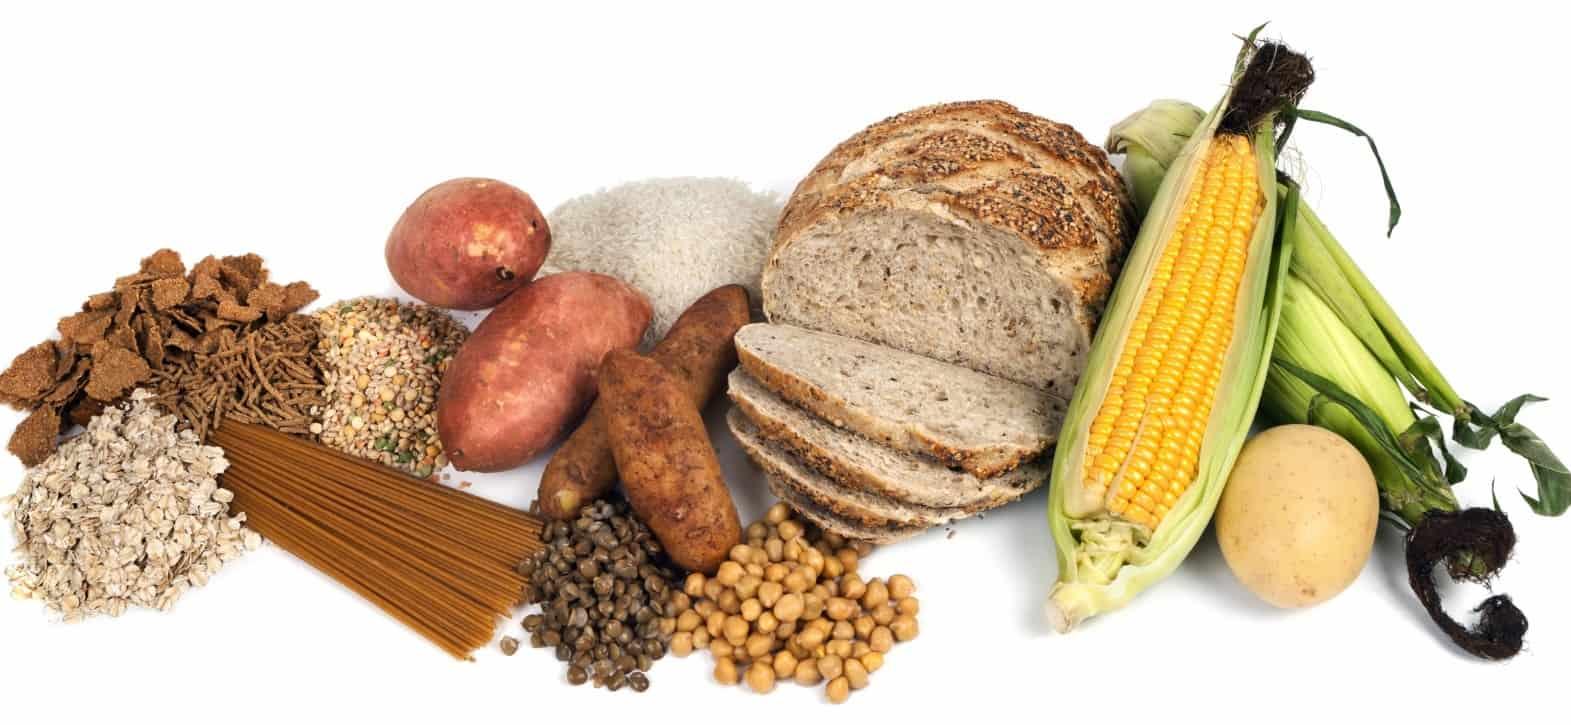 Carga de carbohidratos en tu dieta, según un nutricionista deportivo